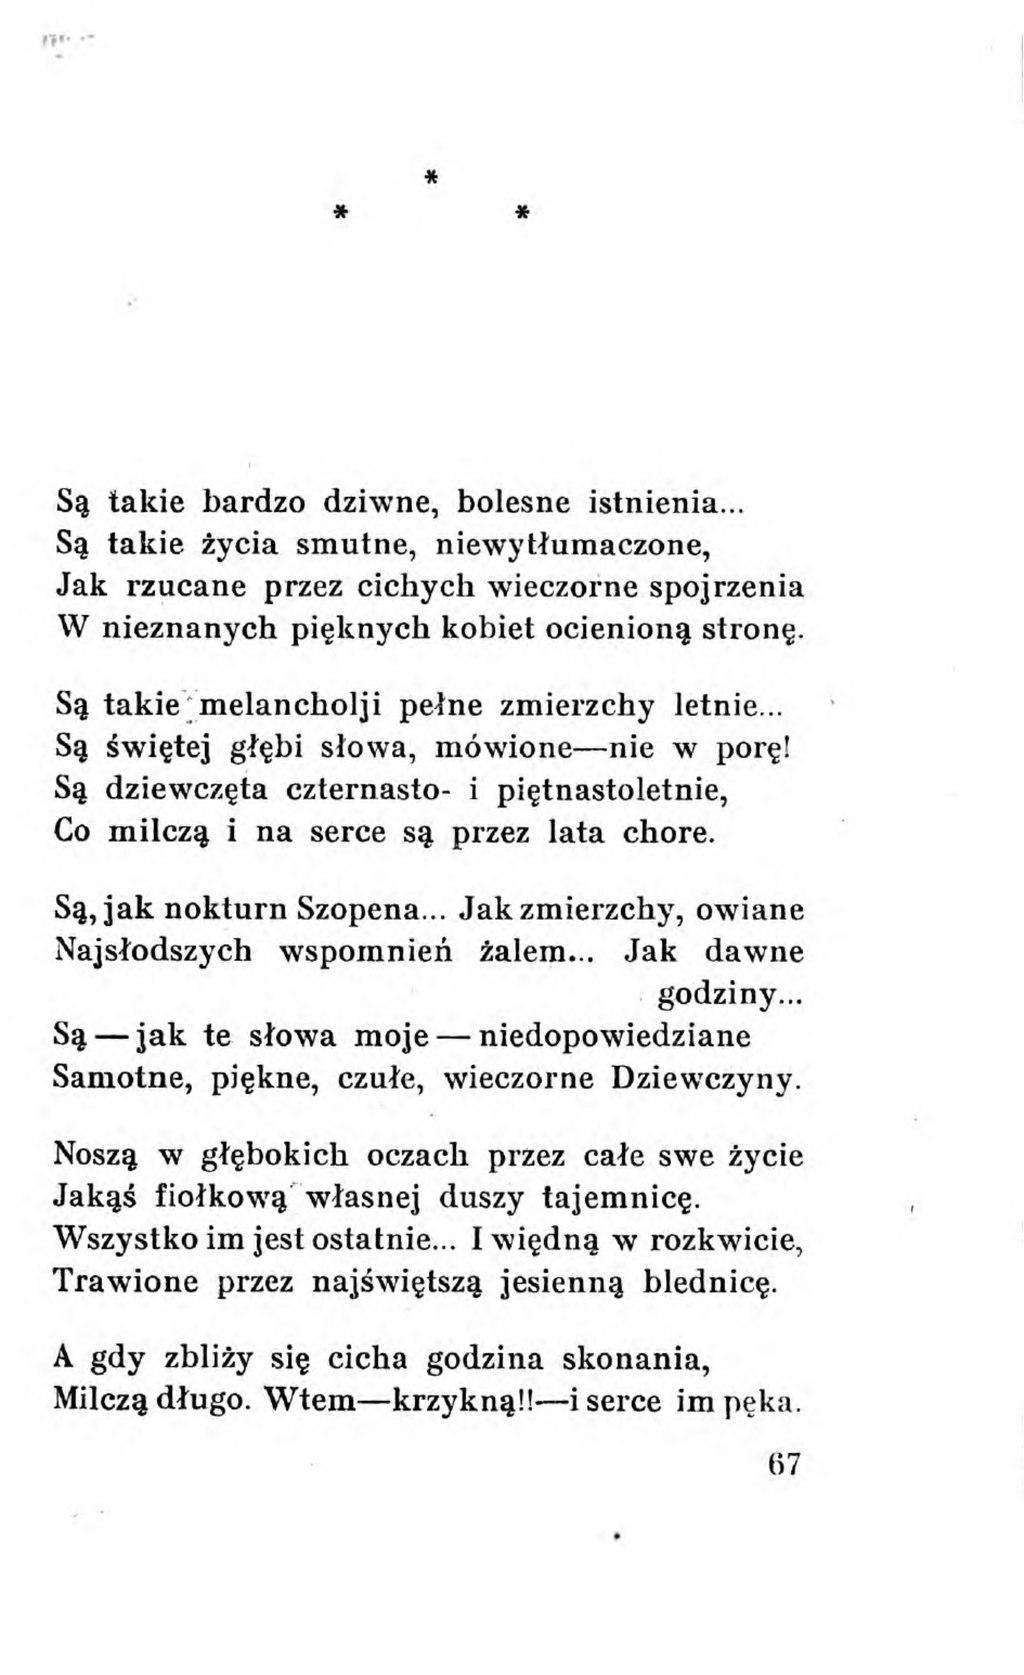 Pagejulian Tuwim Czyhanie Na Bogadjvu69 Wikisource